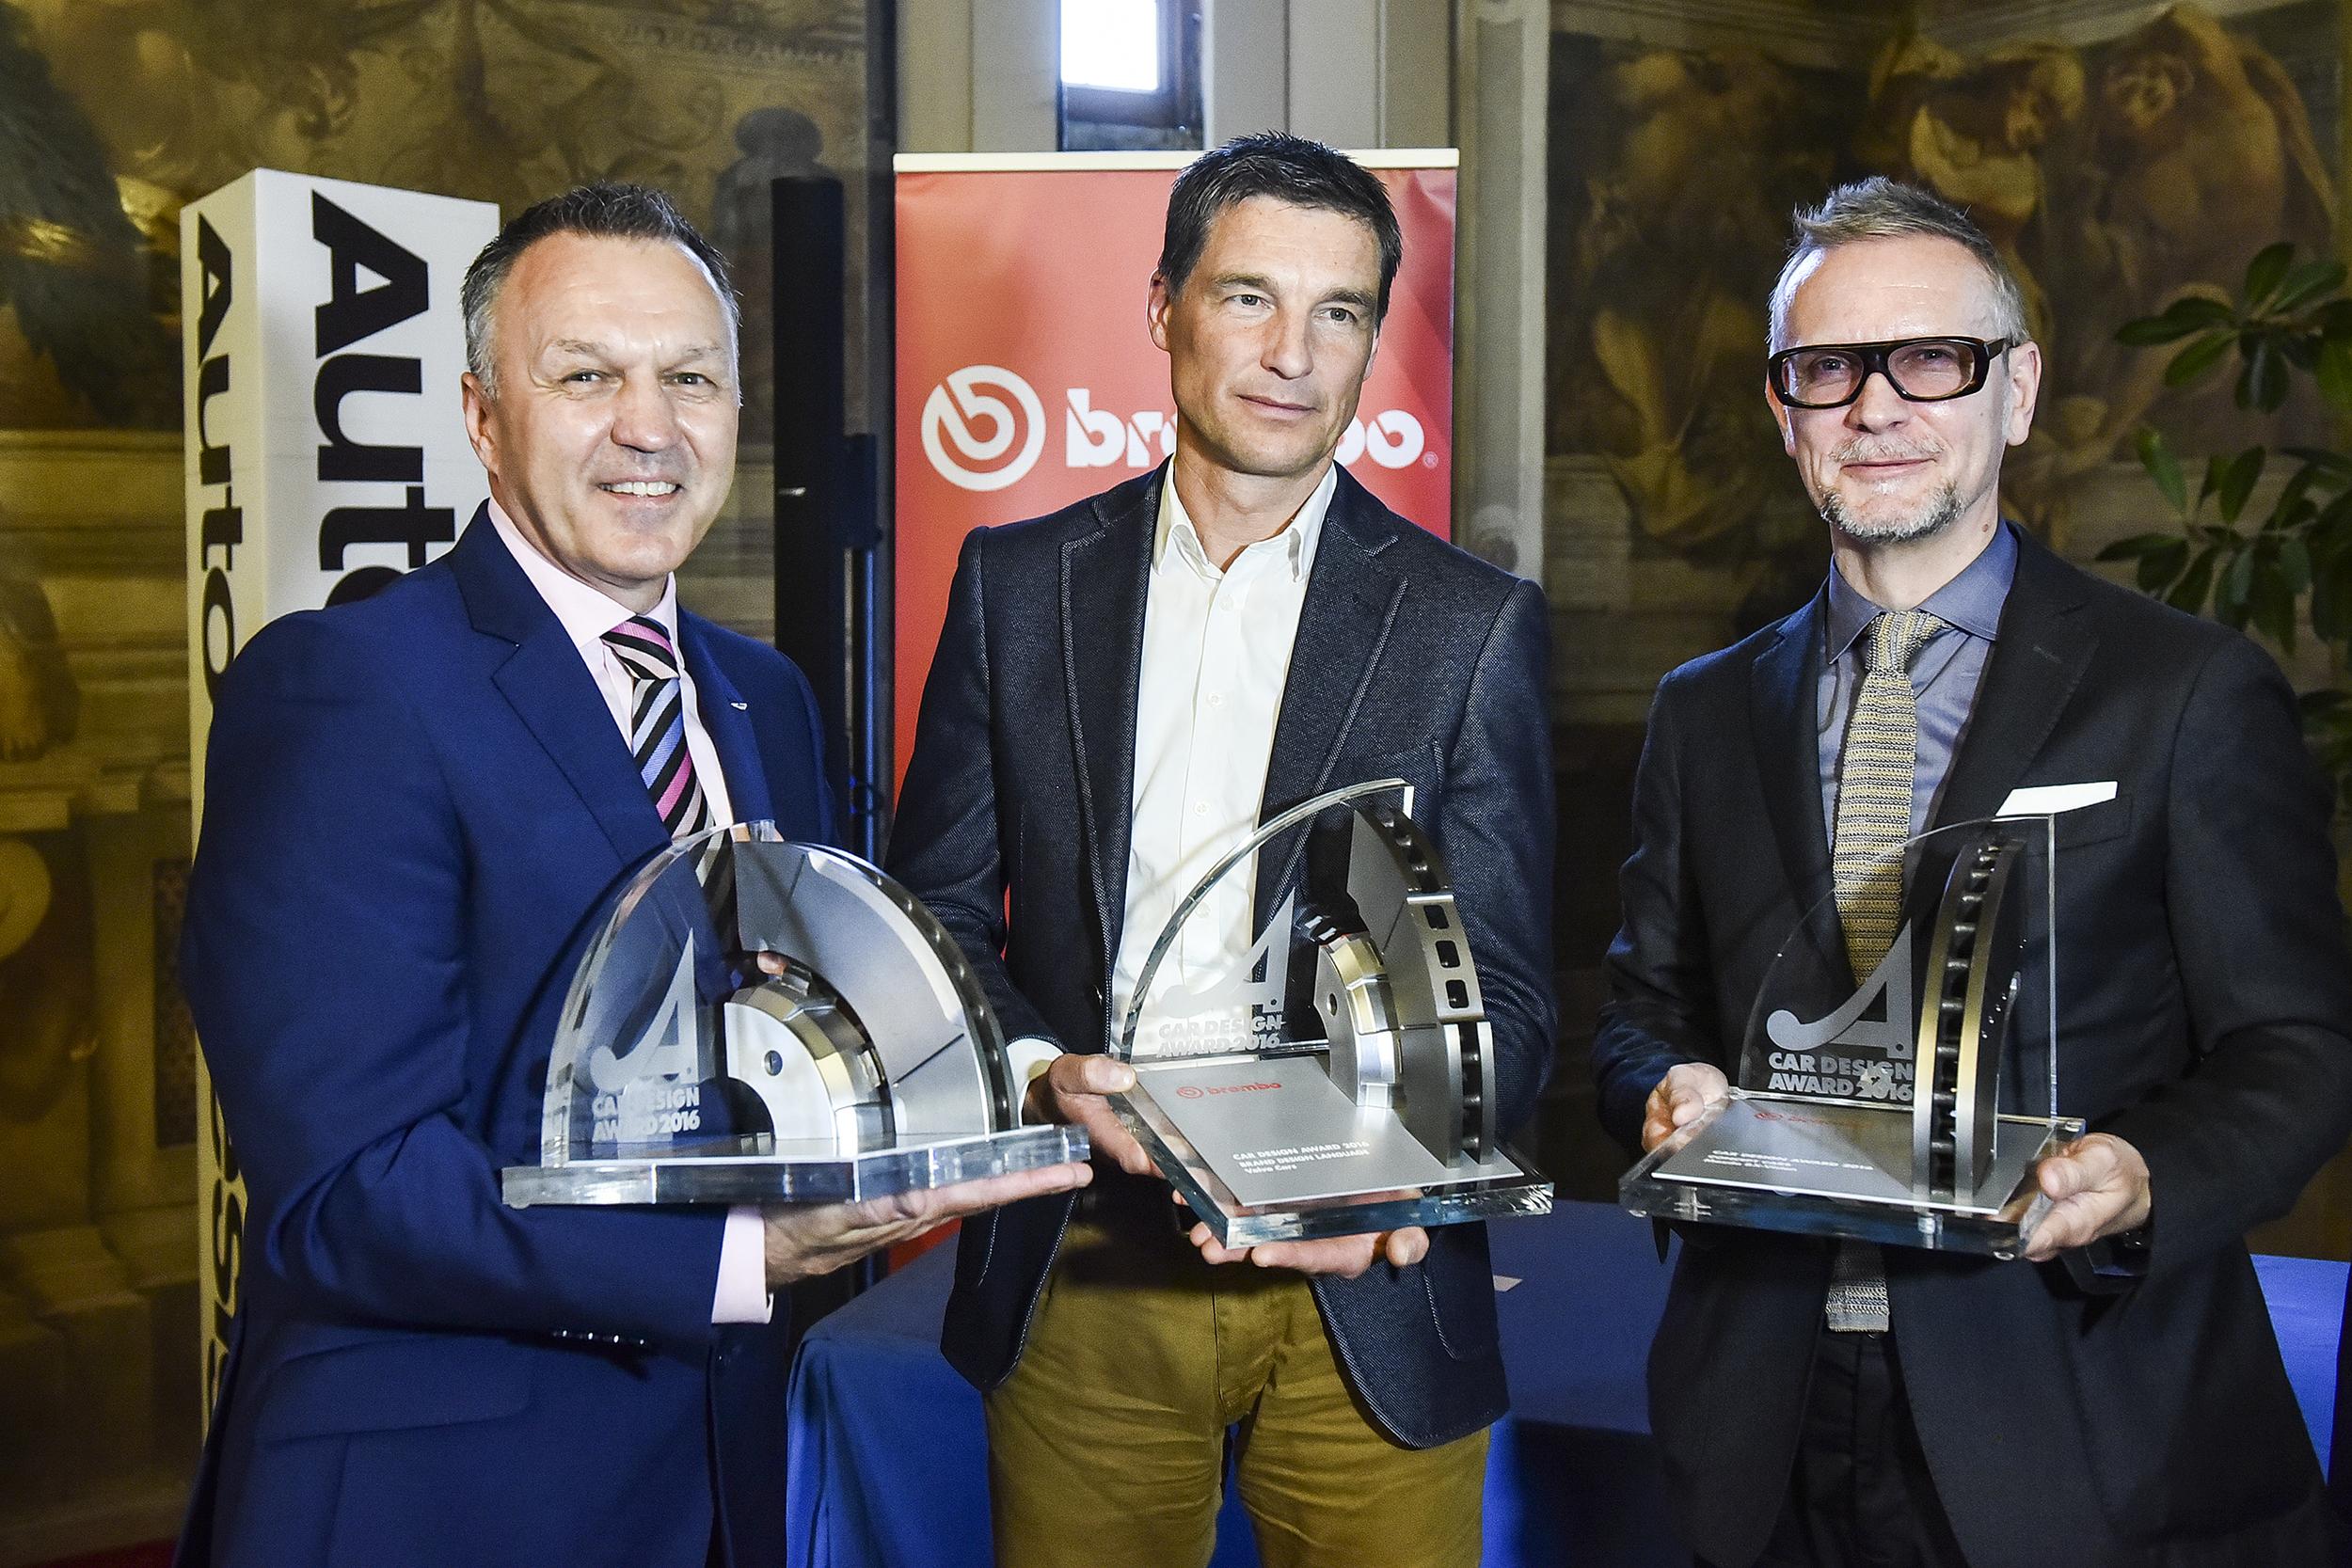 CarDesign Award (1).jpg